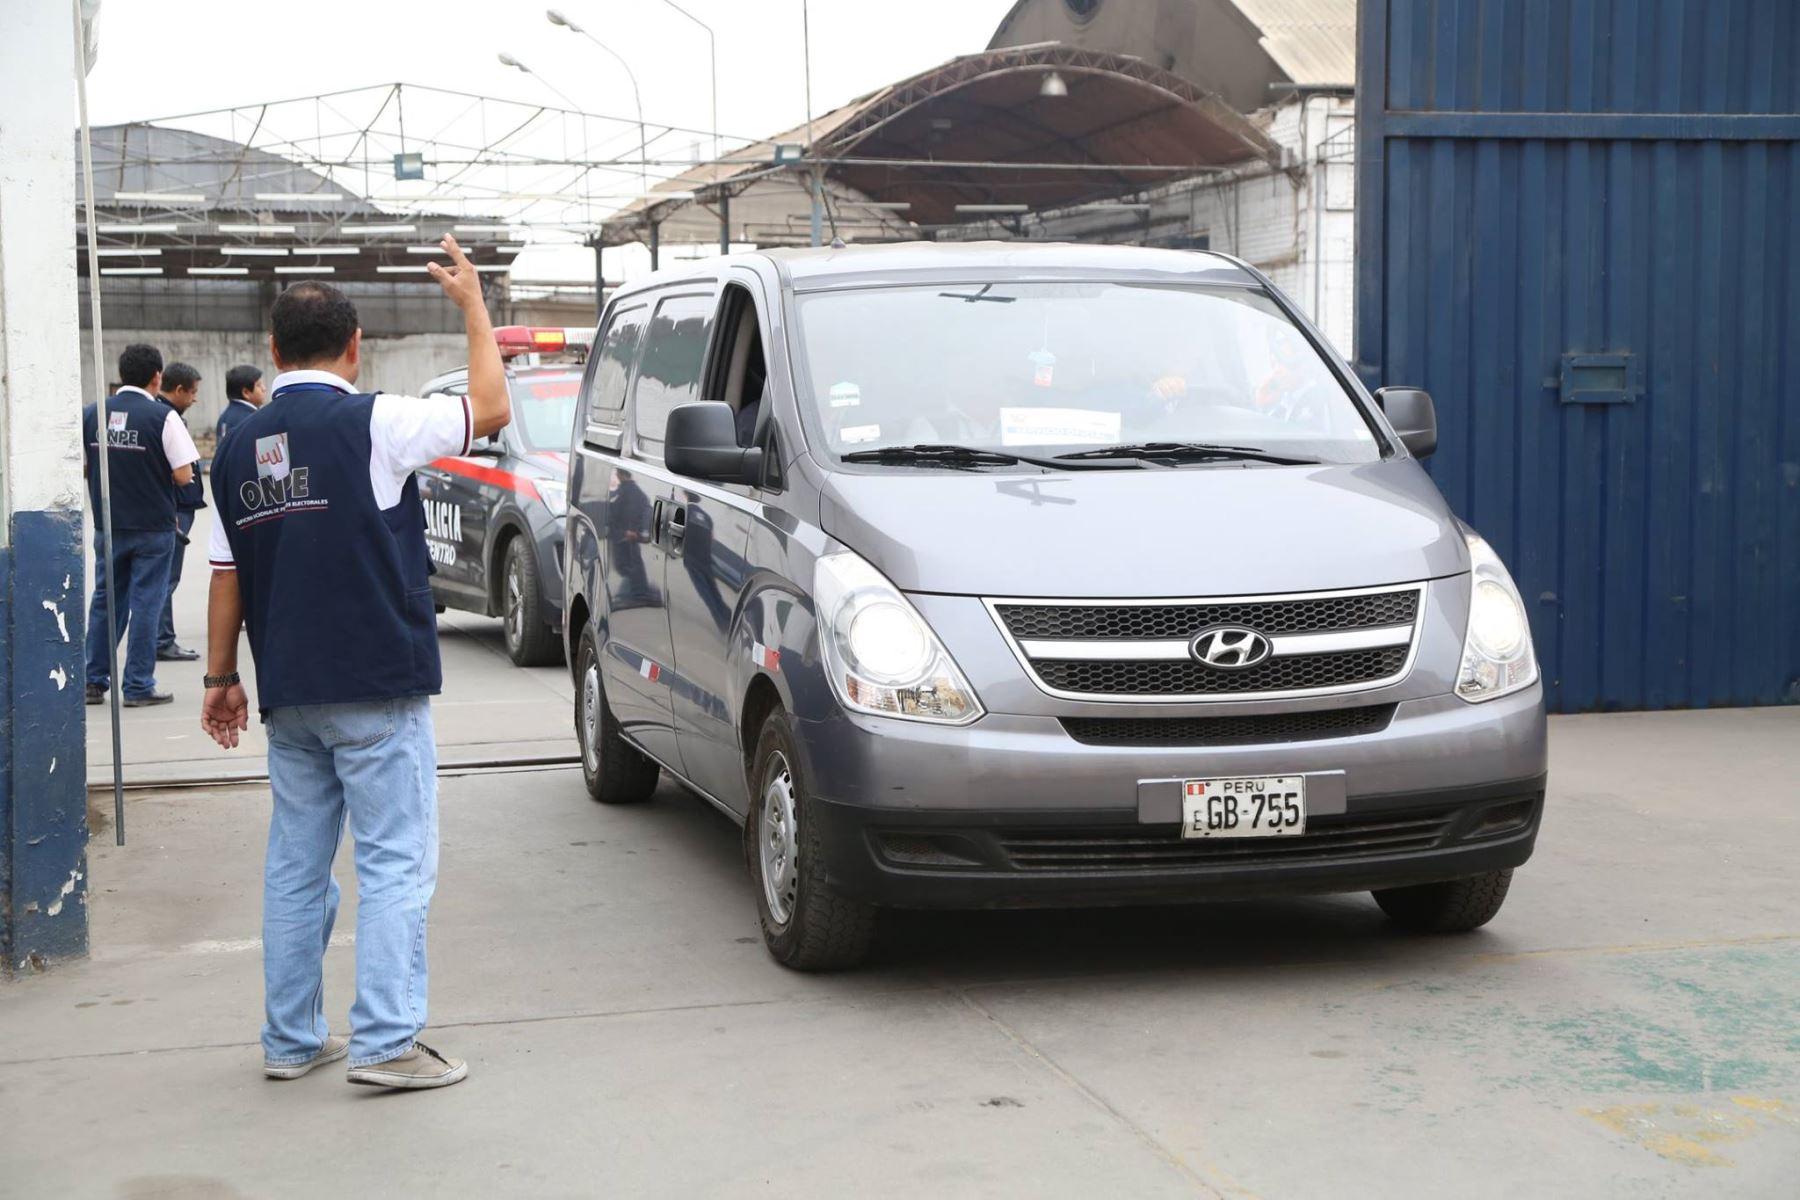 Destinos de primer despliegue del material electoral es la  ORC de la ONPE Ica y  ODPE) Utcubamba, Amazonas.